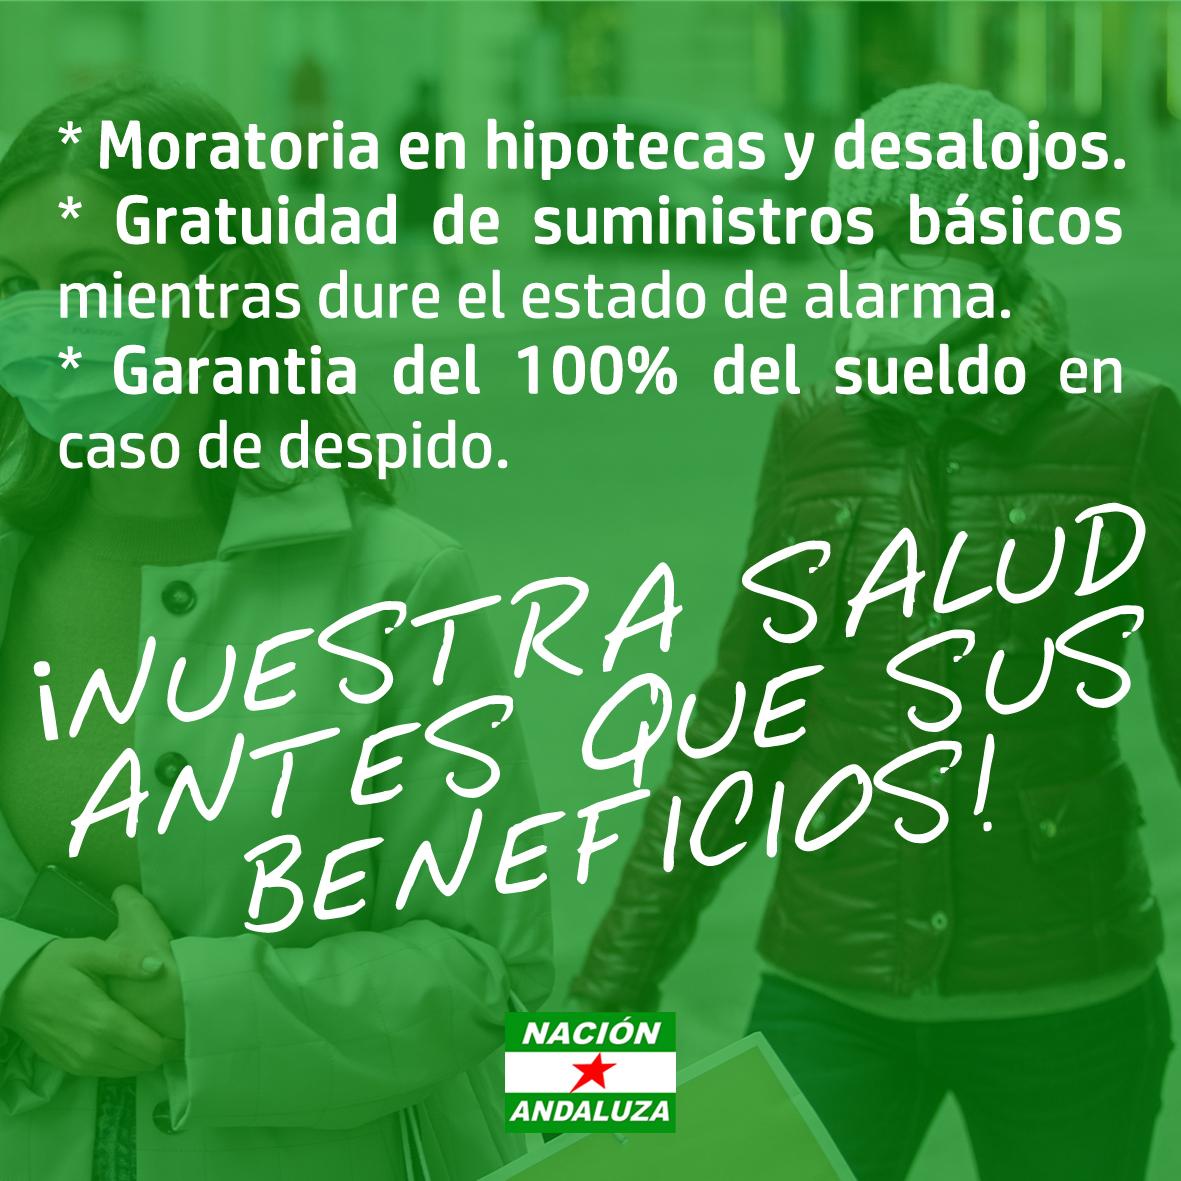 Nación Andaluza ante la declaracióndel estado de alarma ¡Nuestra salud antes que sus beneficios!